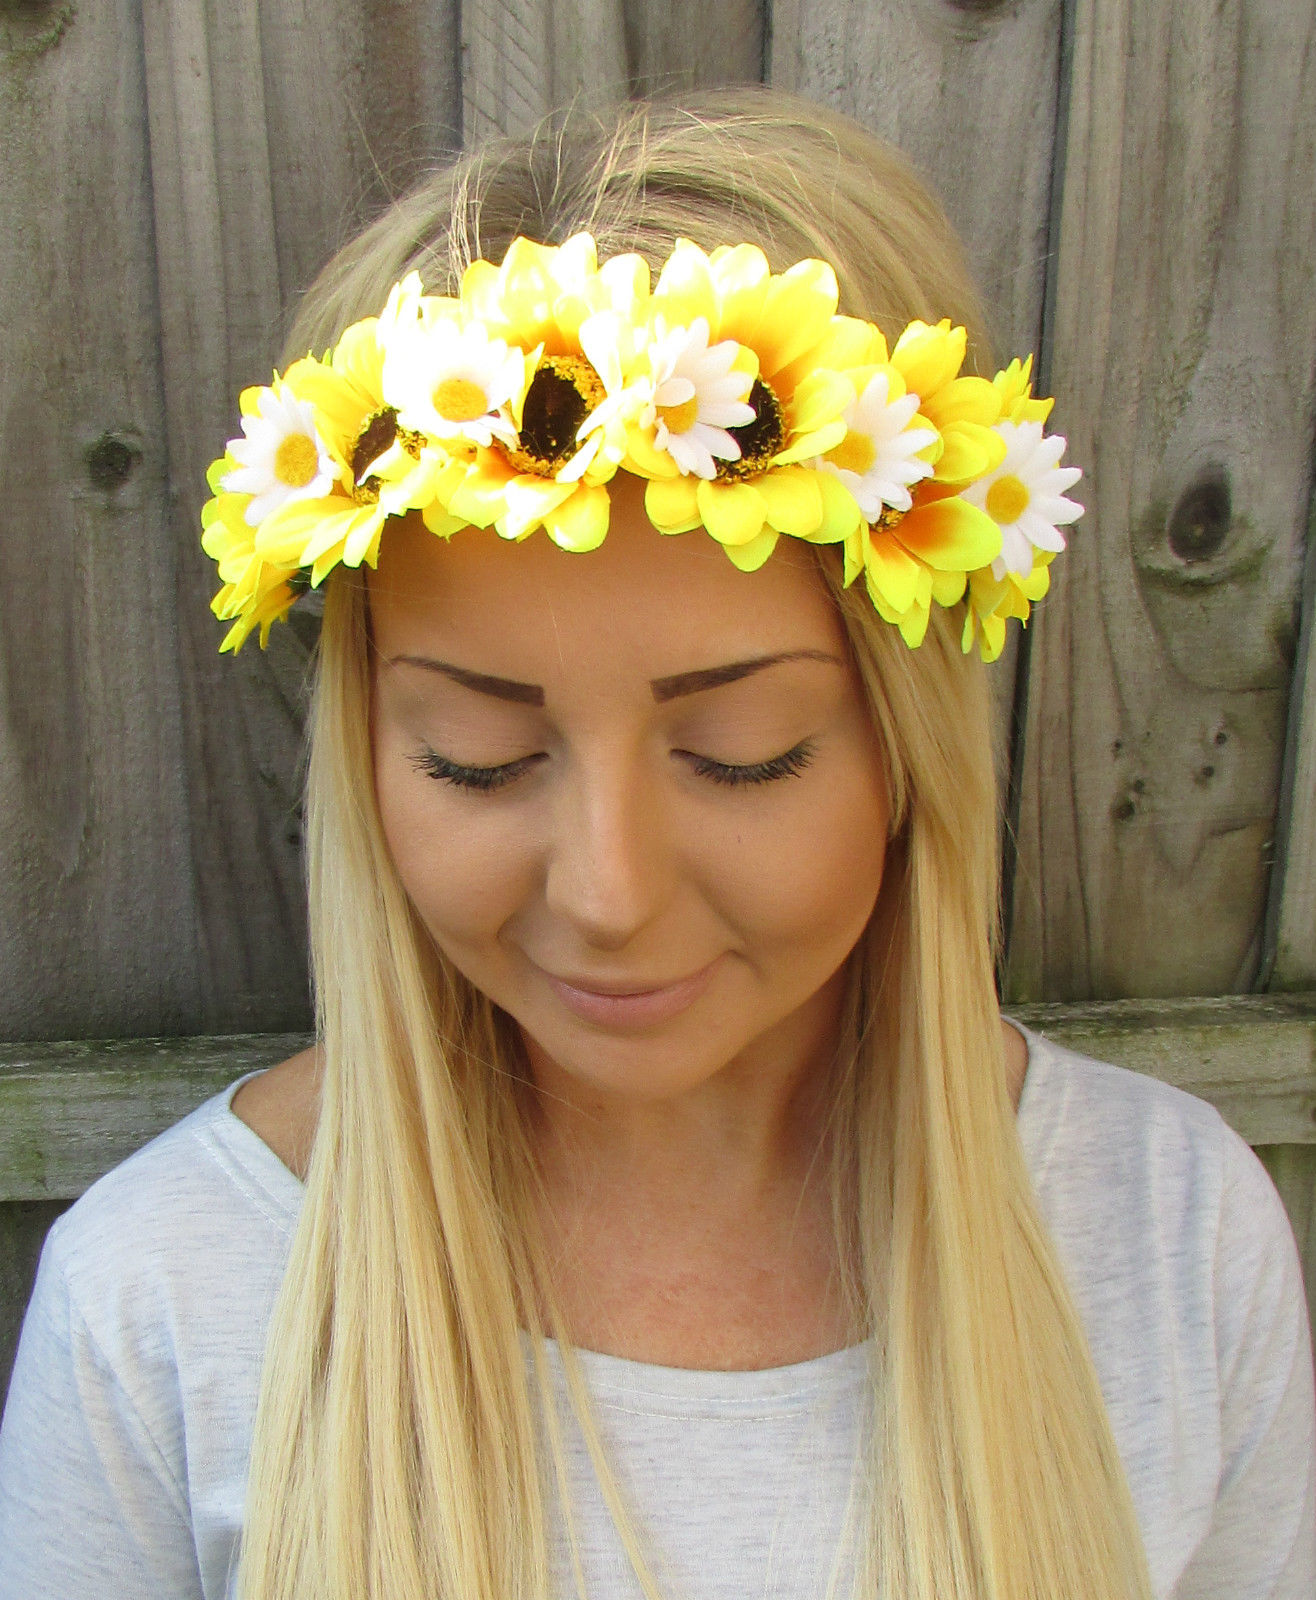 895 Gbp Yellow White Sunflower Daisy Flower Garland Headband